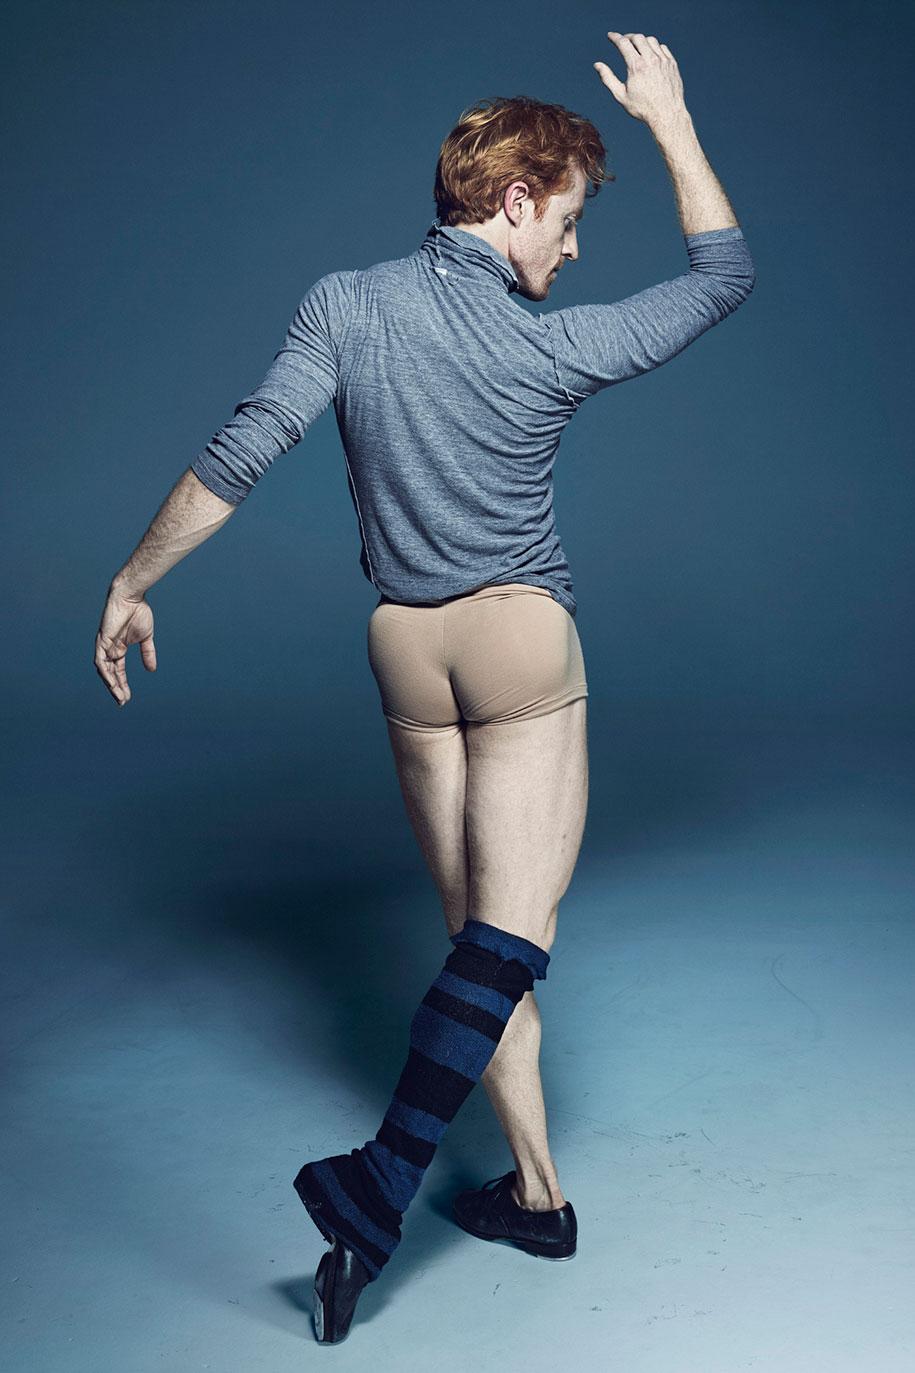 ballet-dancer-portraits-photos-what-lies-beneath-rick-guest-15